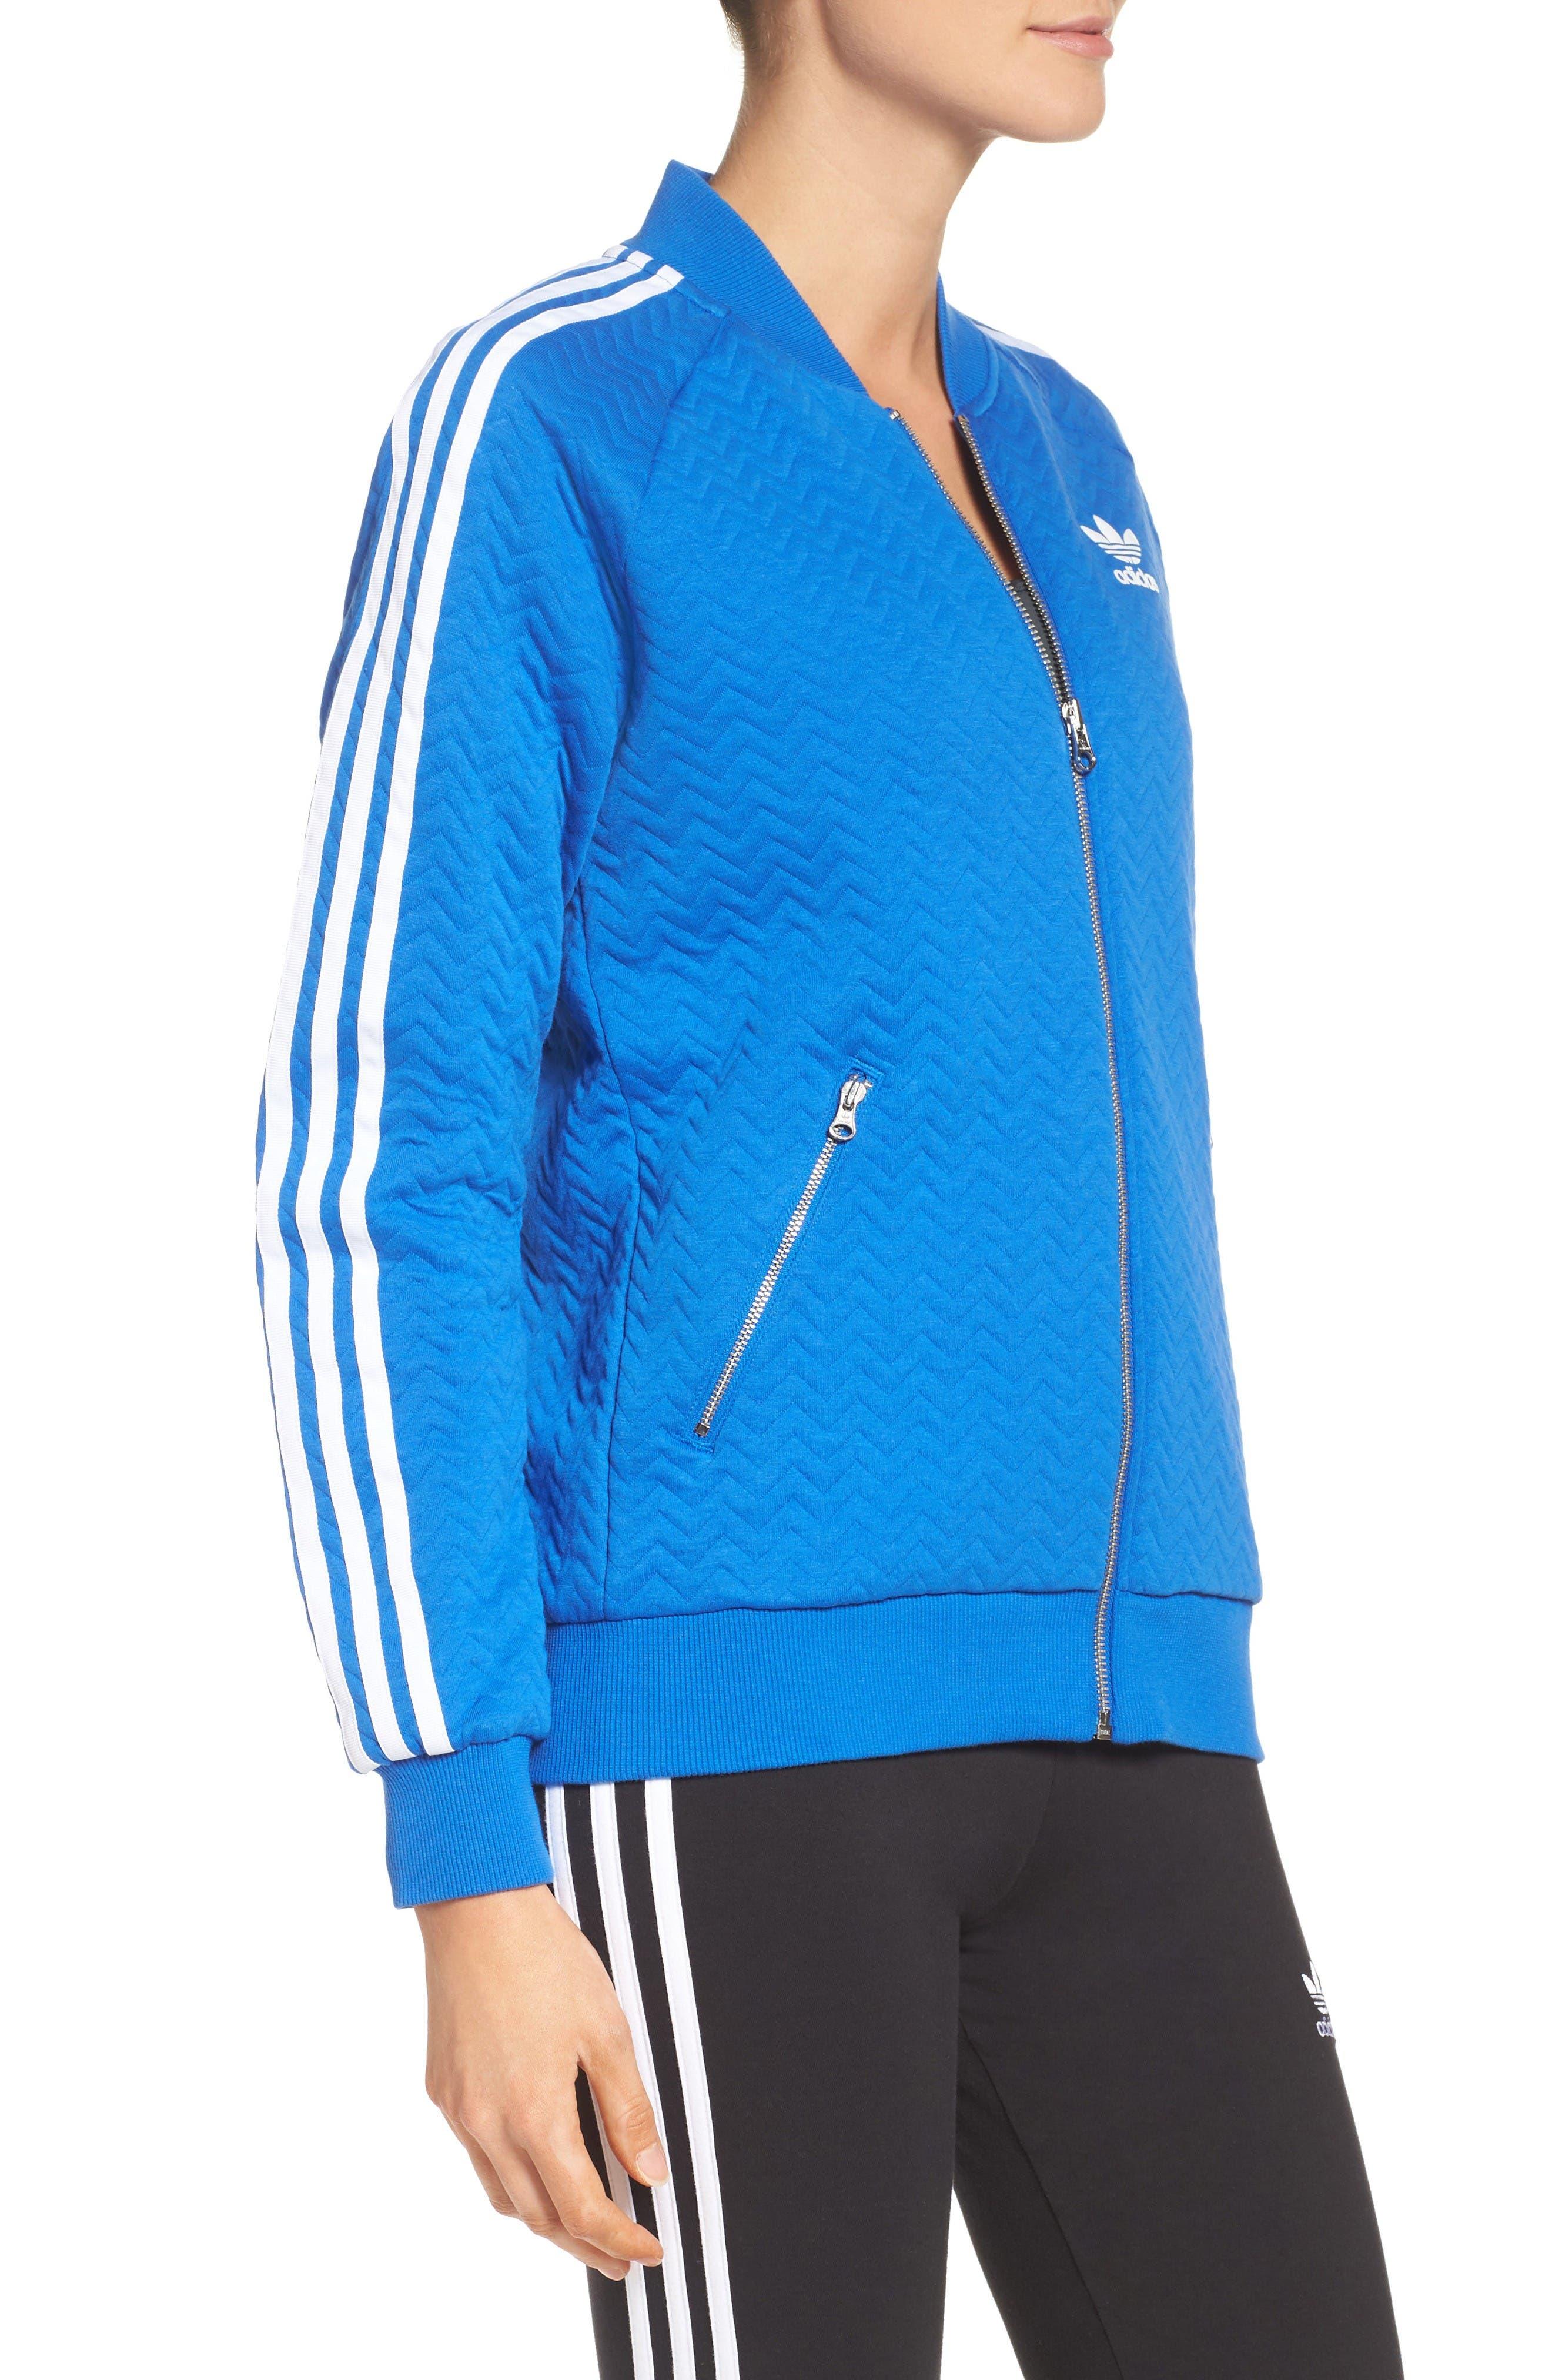 Alternate Image 3  - adidasOriginals 'Superstar' 3-Stripes Track Jacket